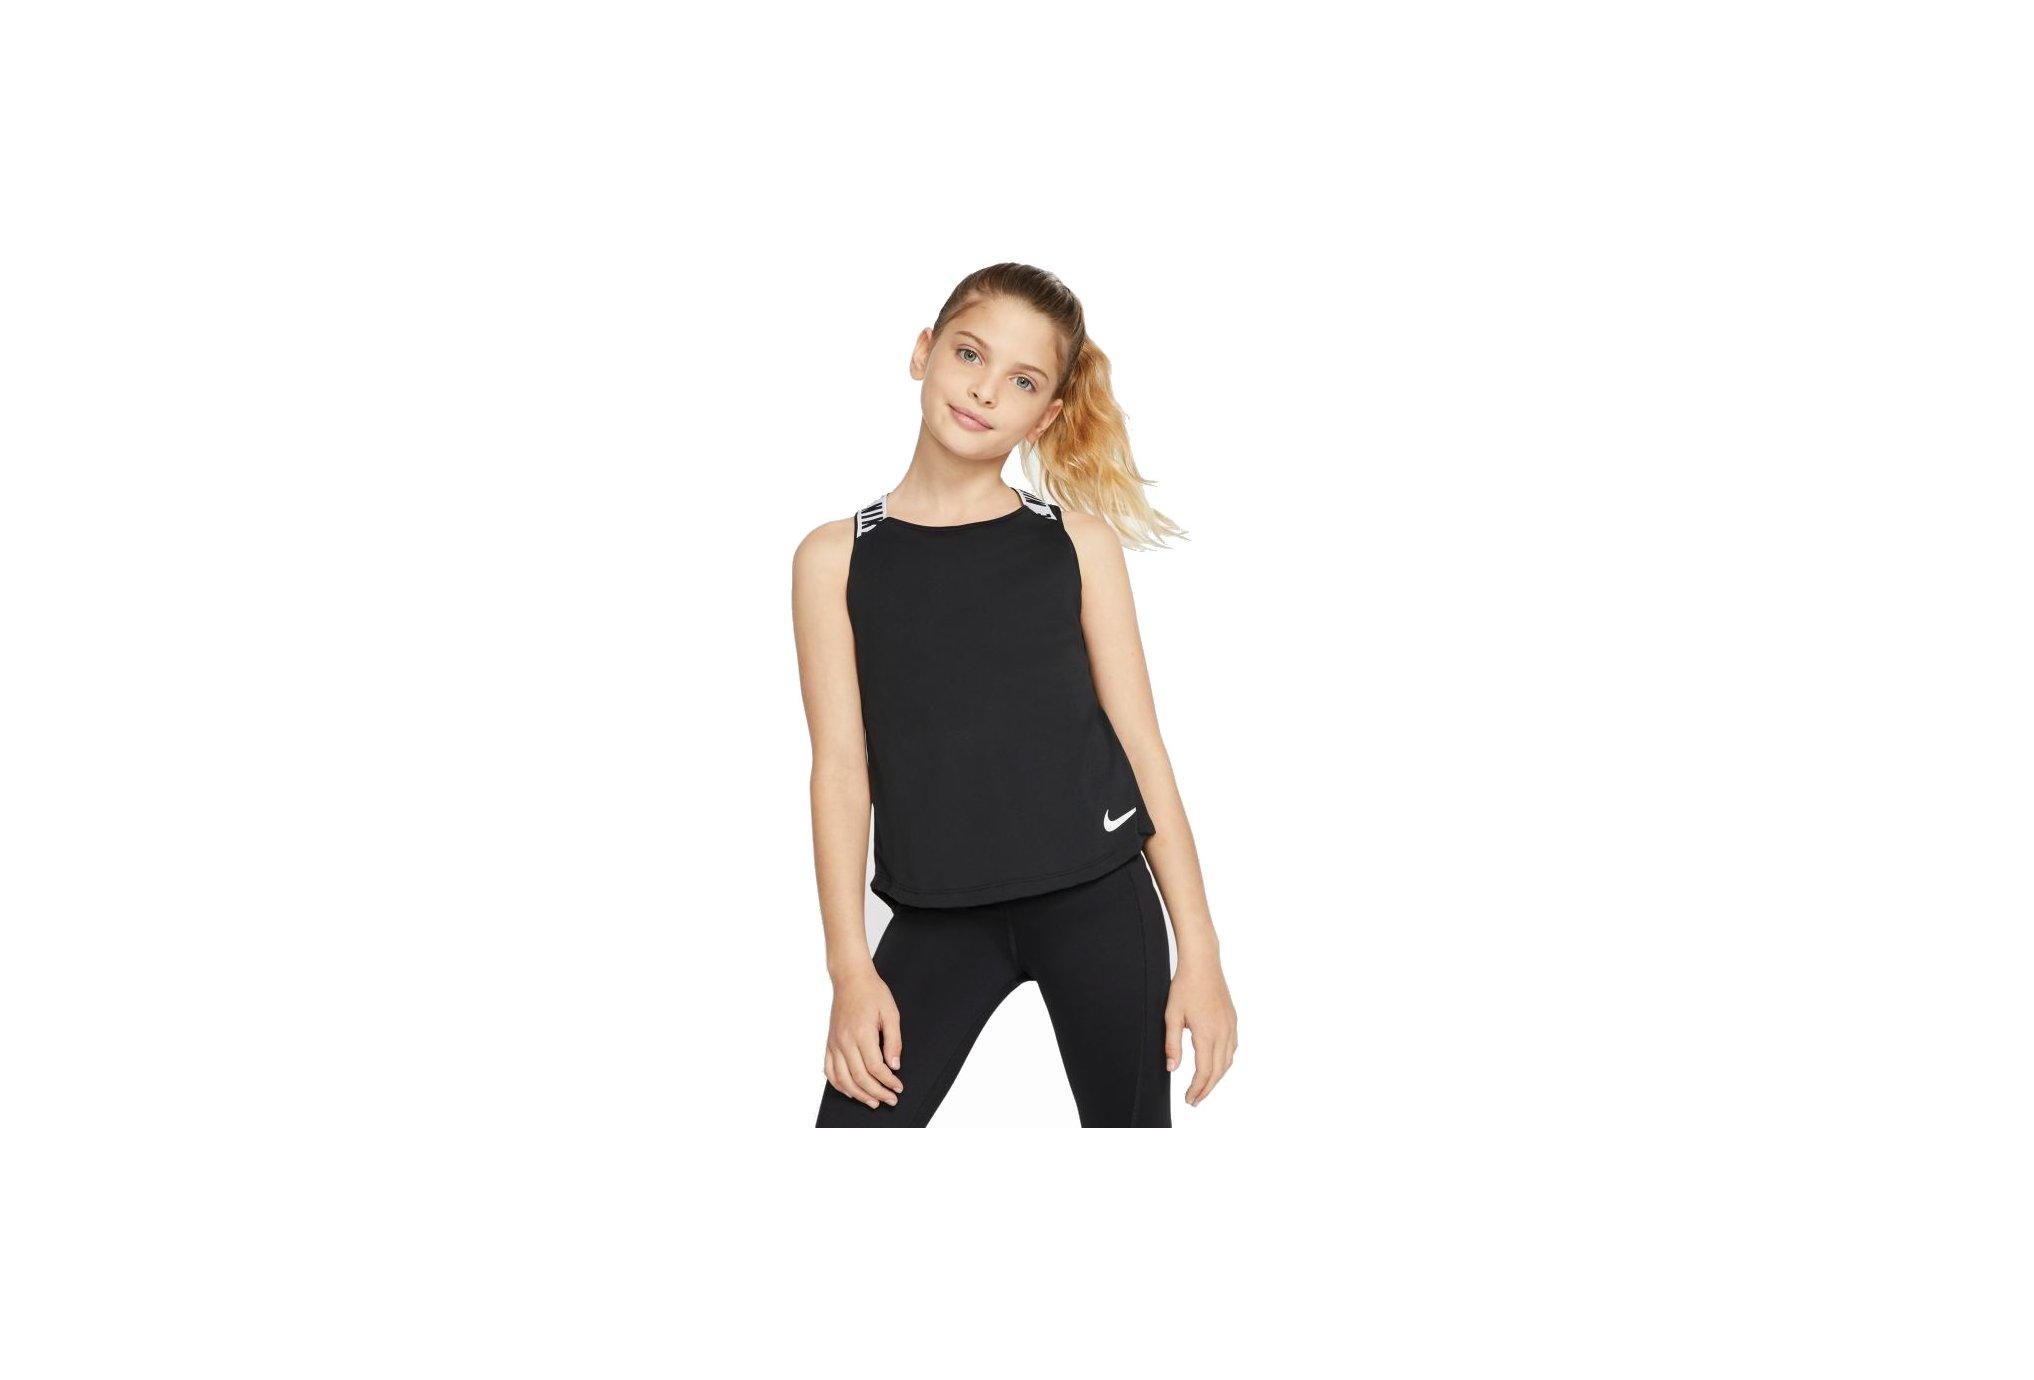 Nike Dry Elastika Fille vêtement running femme